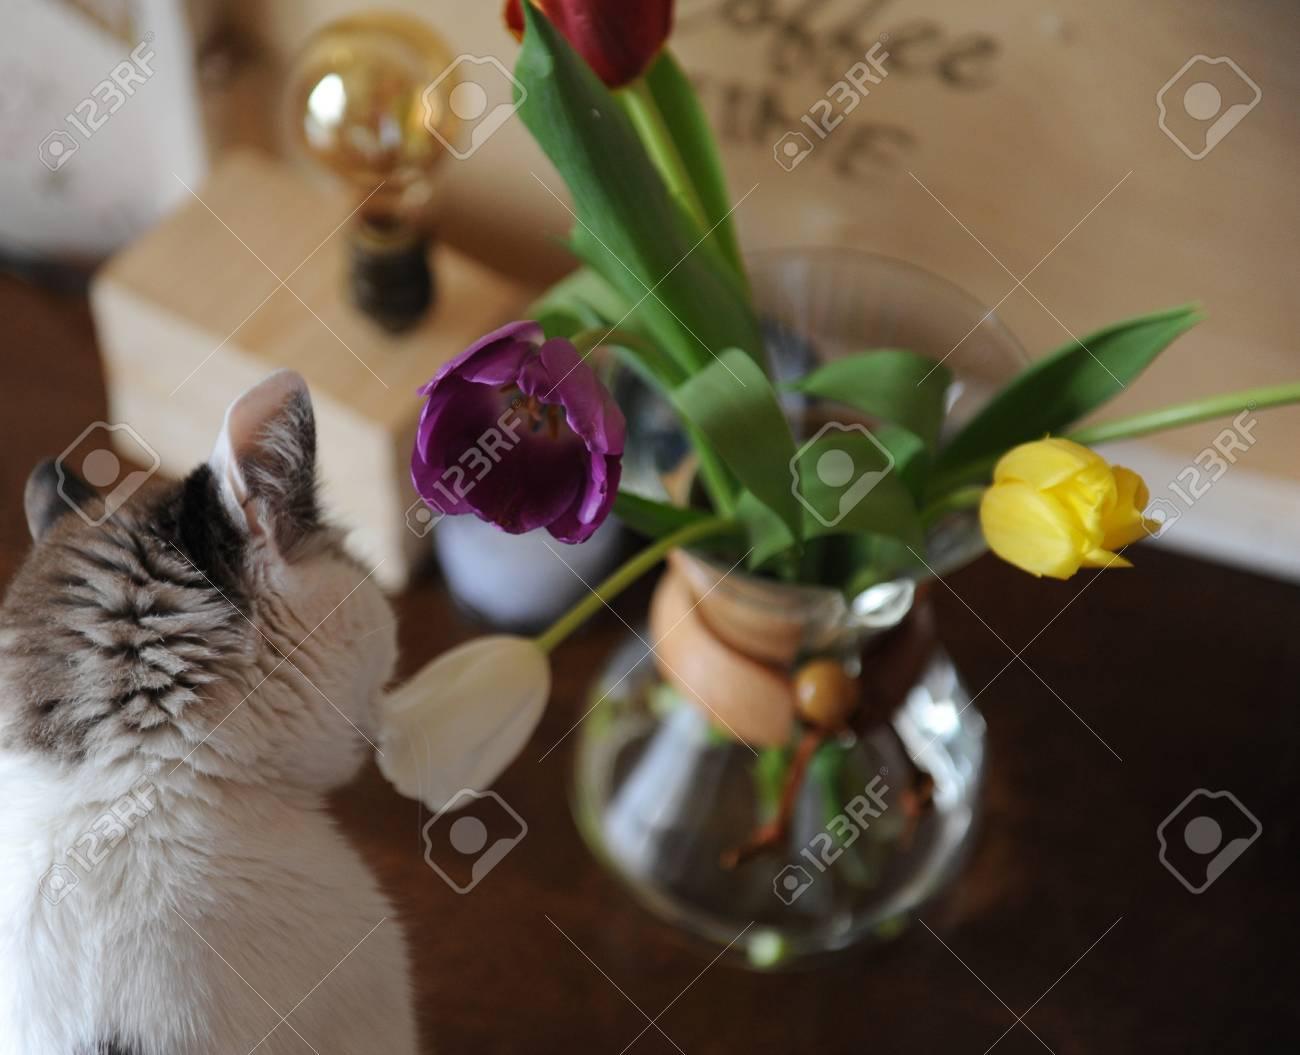 Lampada Fiore Tulipano : Fiorisce i tulipani in un contenitore di vetro per la preparazione